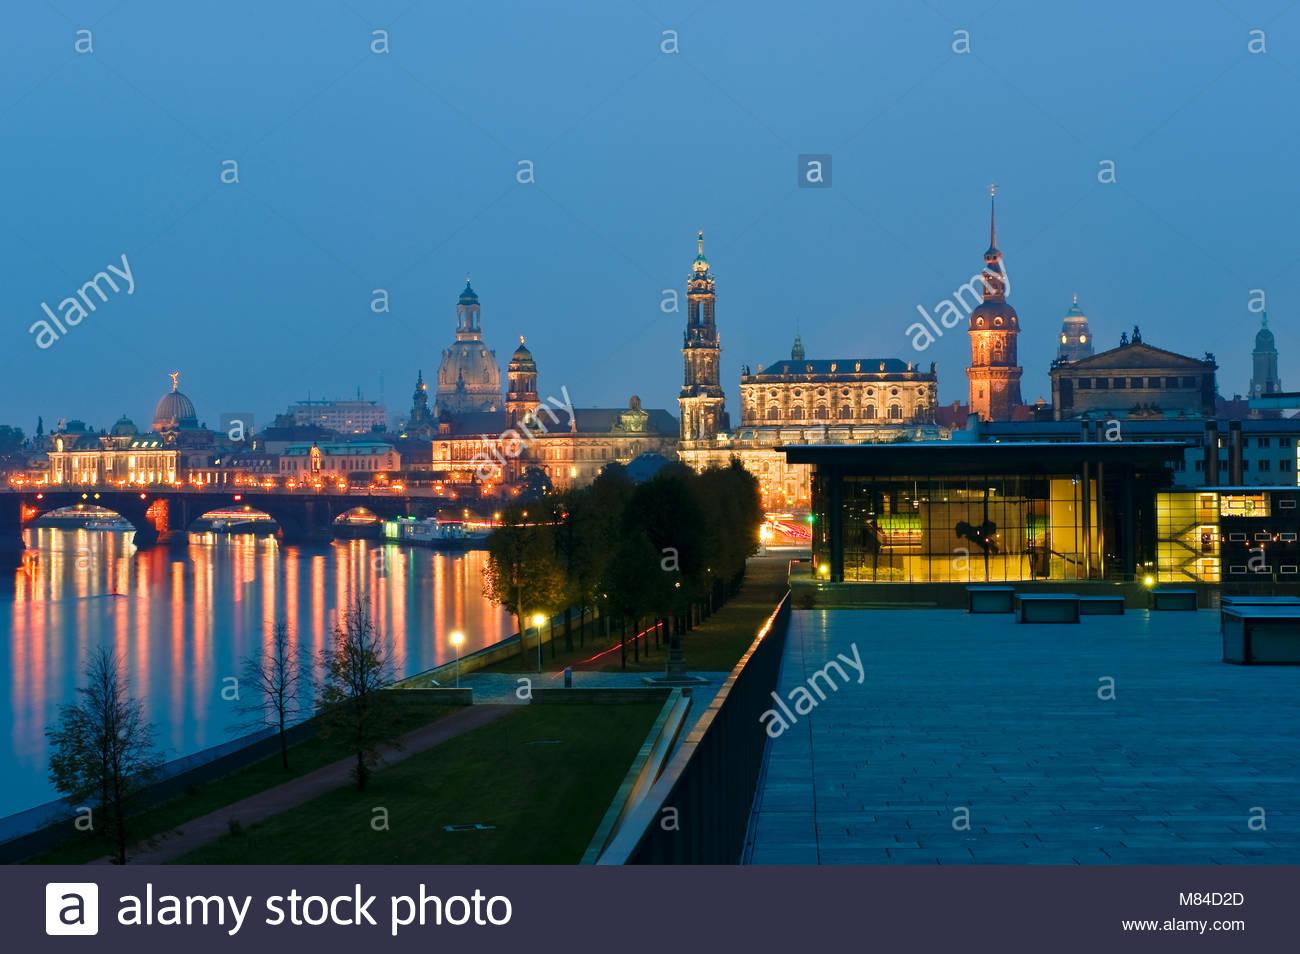 En Europa, Alemania, Dresde, Sajonia, Sajonia. ciudad vieja-silueta con Bruehlsche terraza, la catedral, el castillo, Imagen De Stock